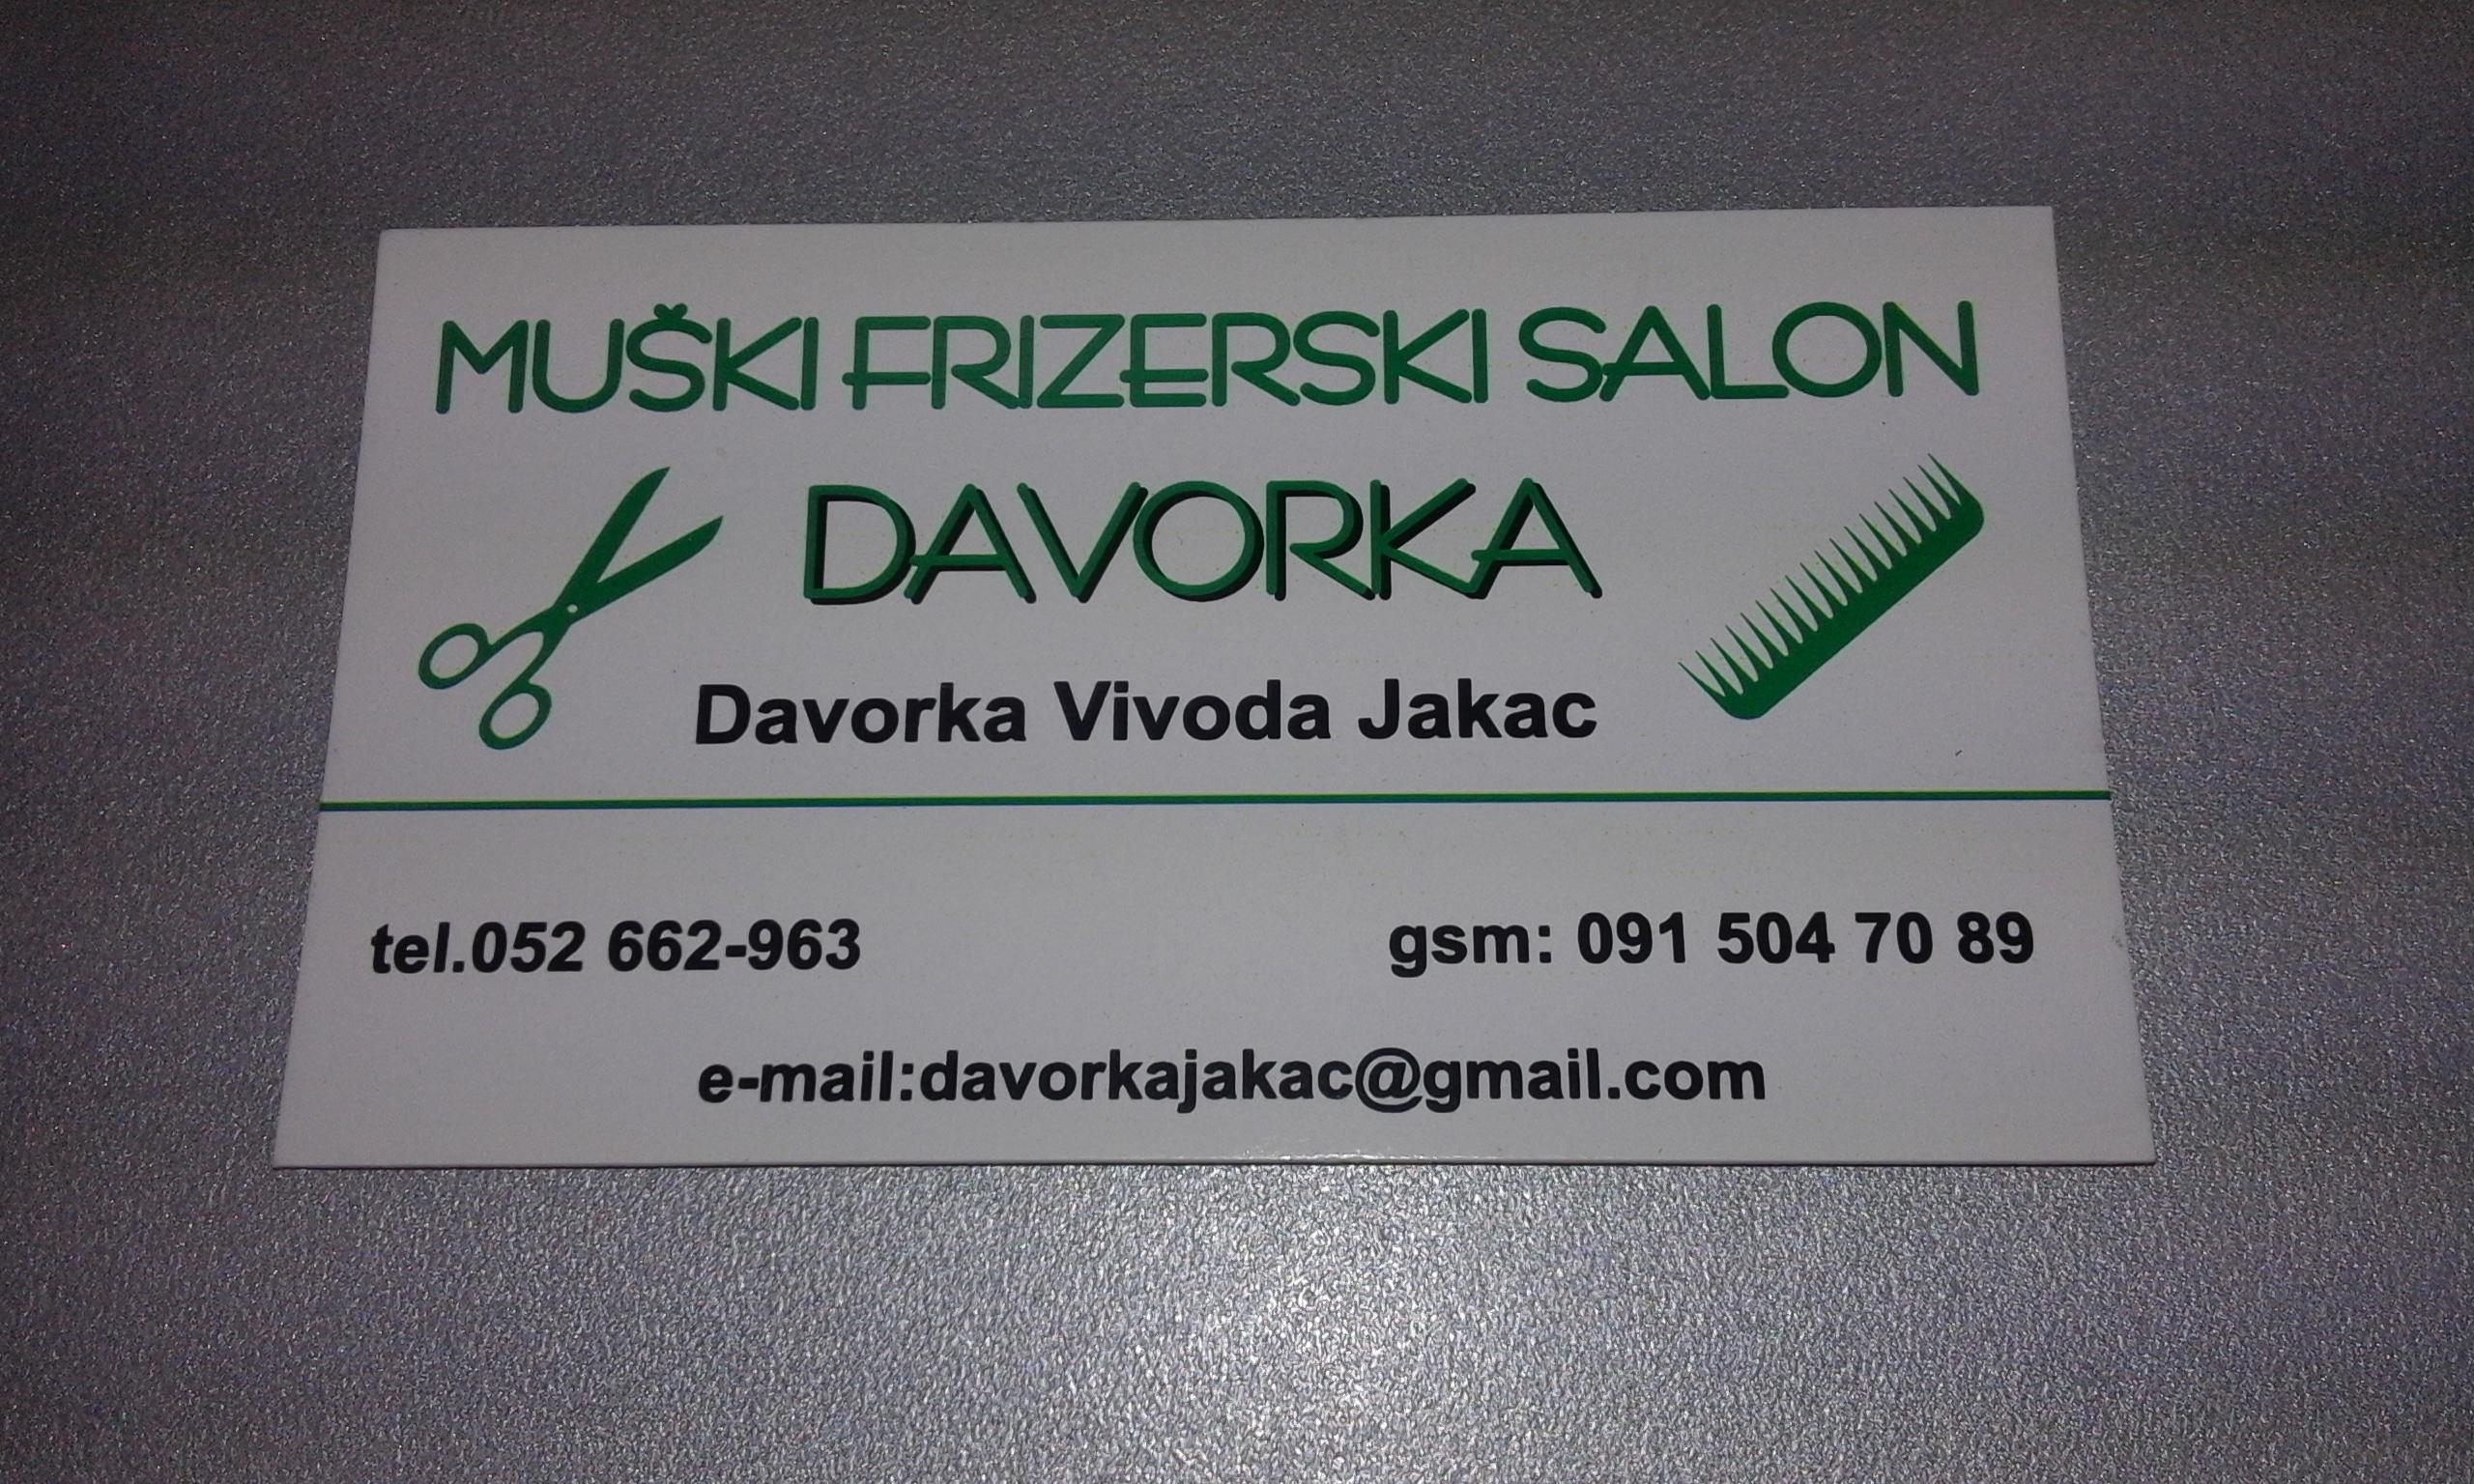 """MUŠKI FRIZERSKI SALON """"DAVORKA"""", VL. DAVORKA VIVODA JAKAC"""